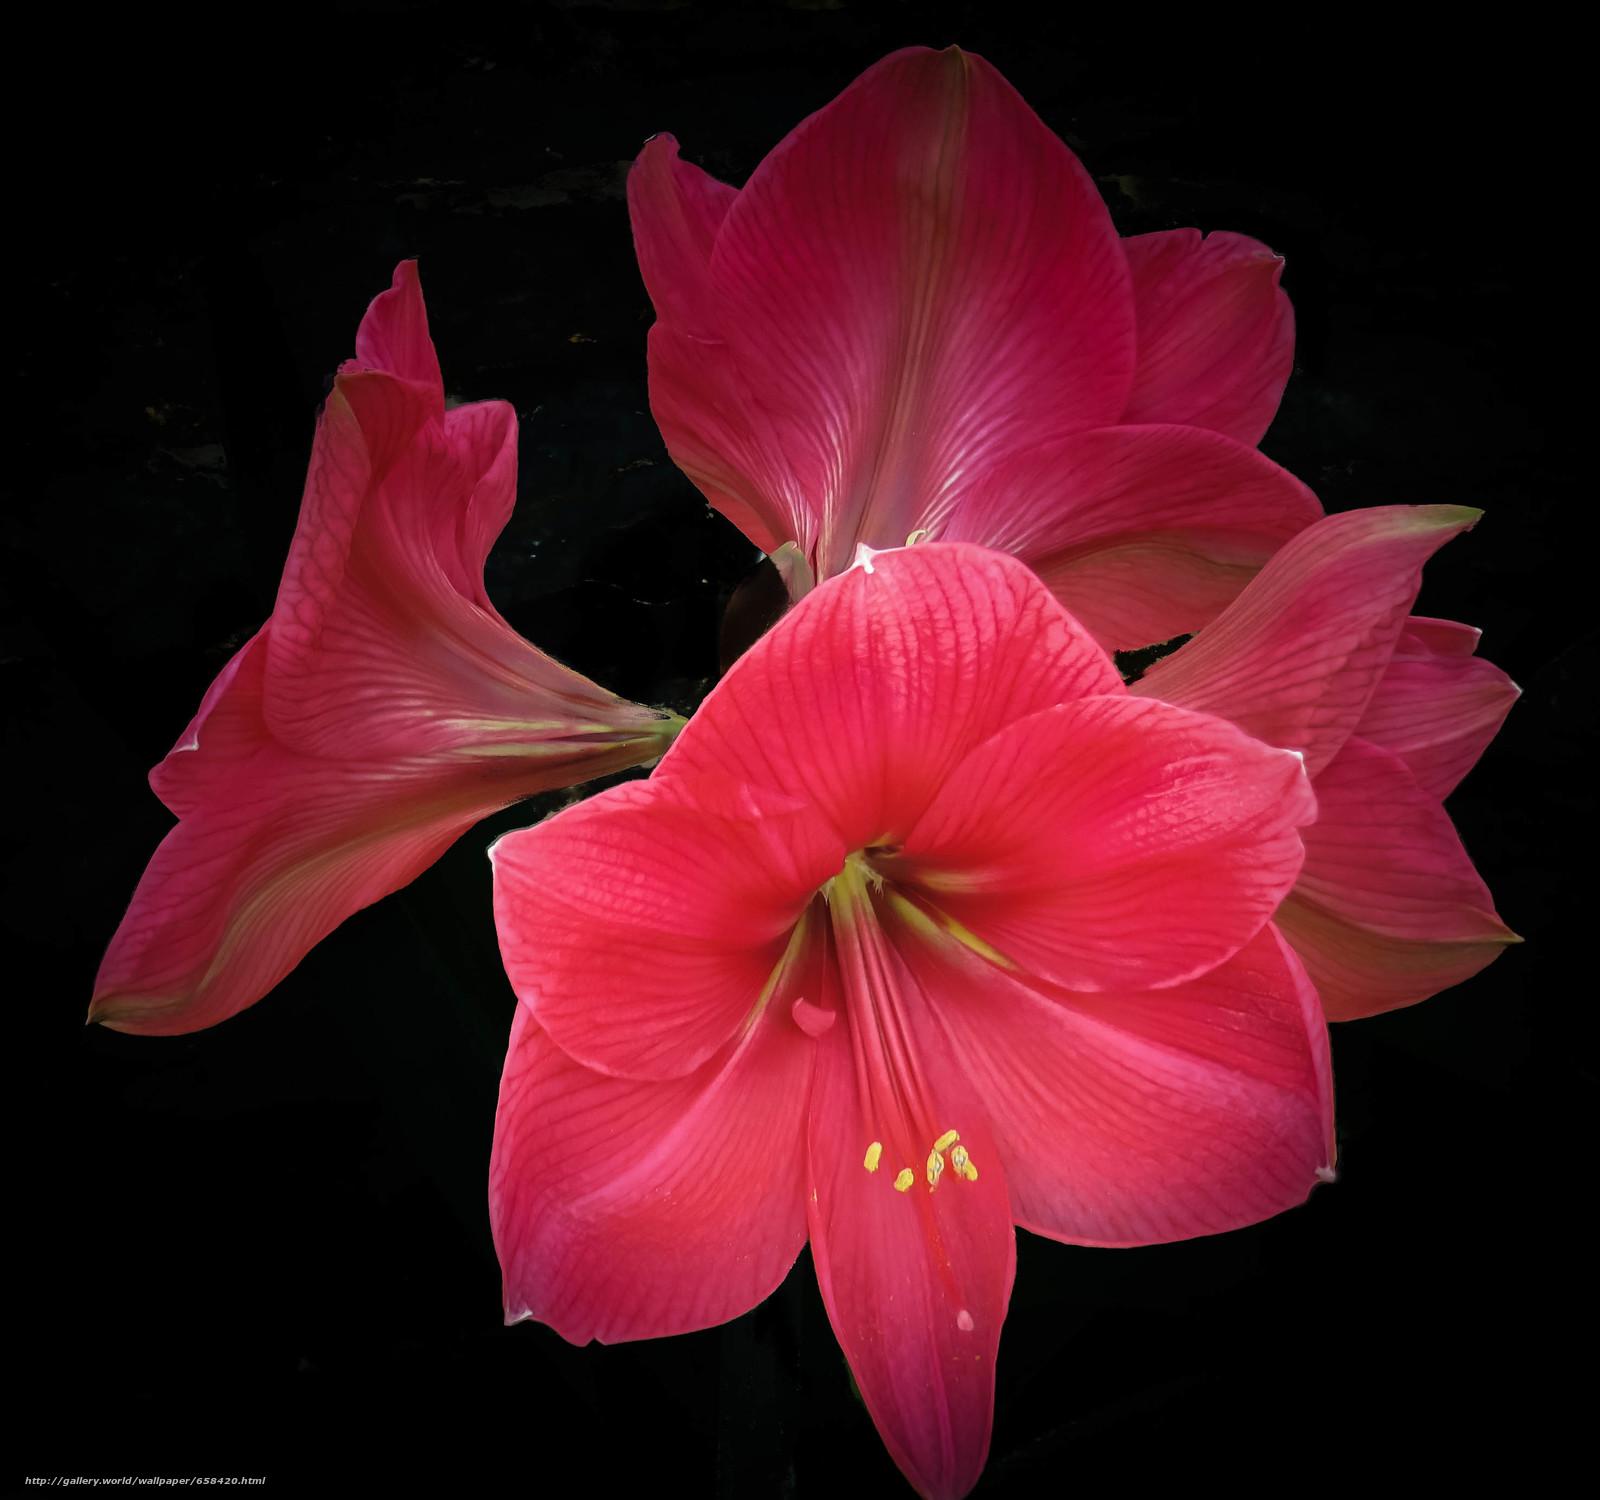 Download Hintergrund Blume,  Blumen,  flora Freie desktop Tapeten in der Auflosung 2950x2765 — bild №658420